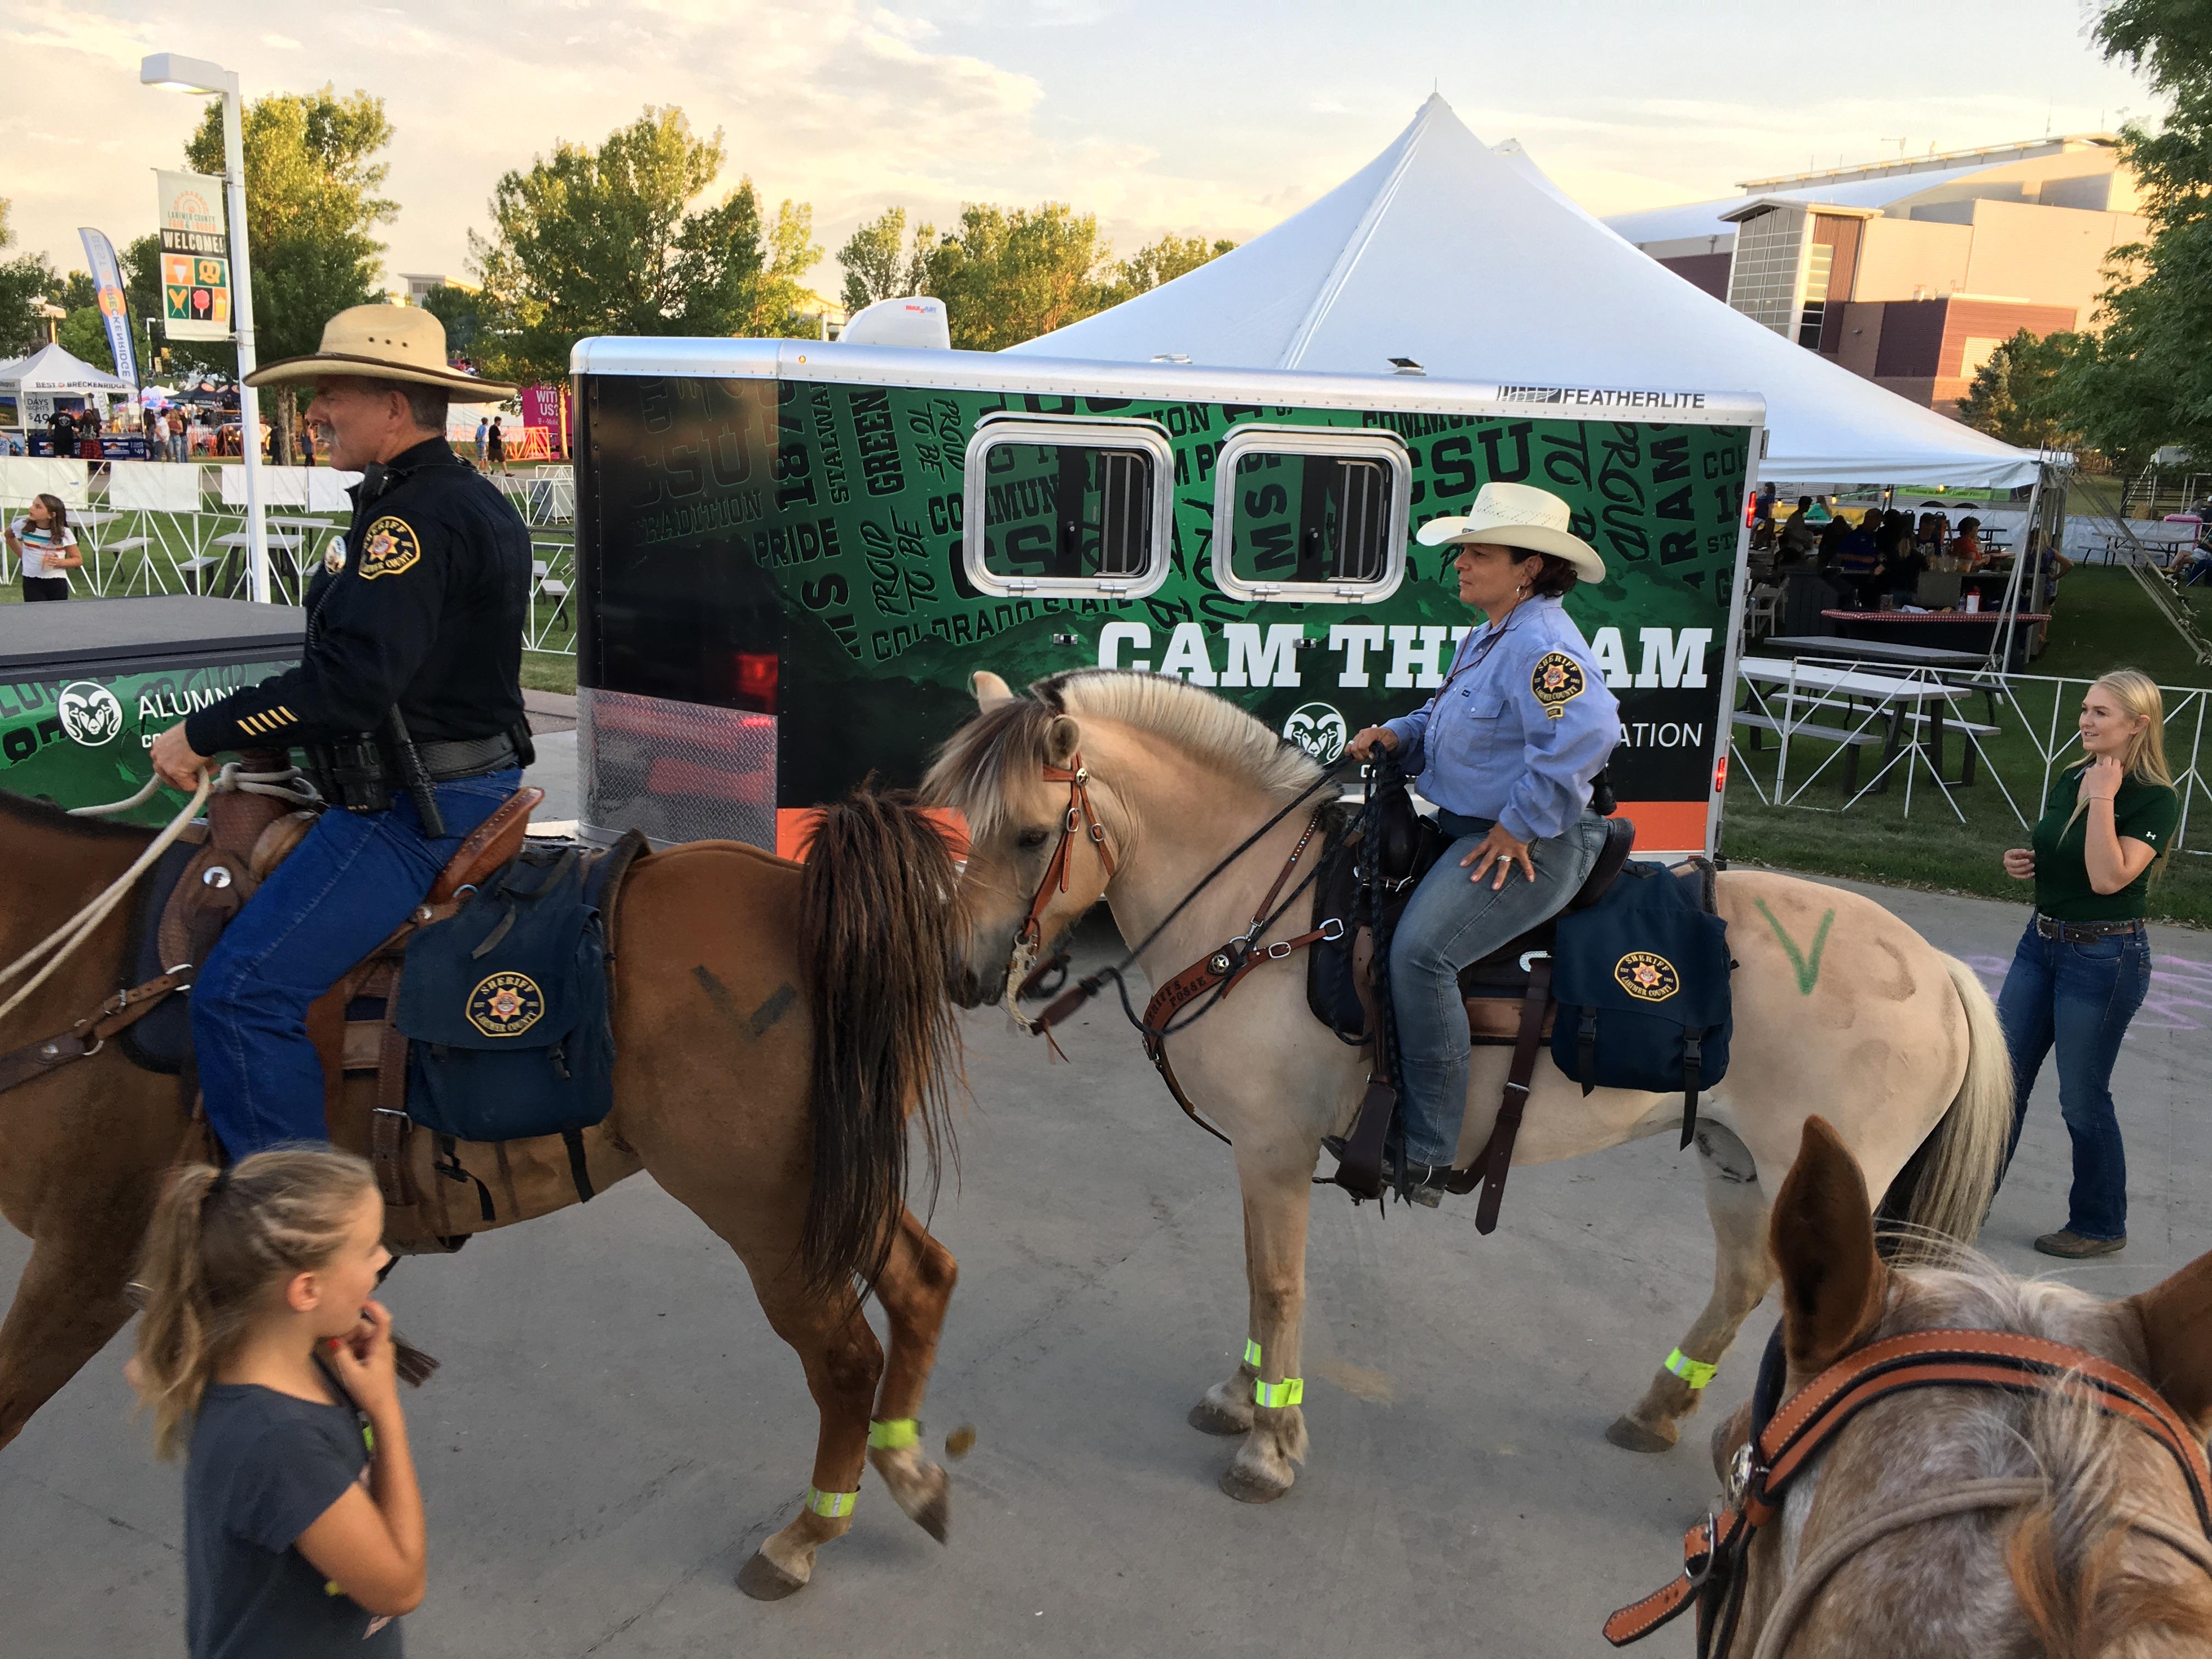 Imagen 4: Posse del Sheriff